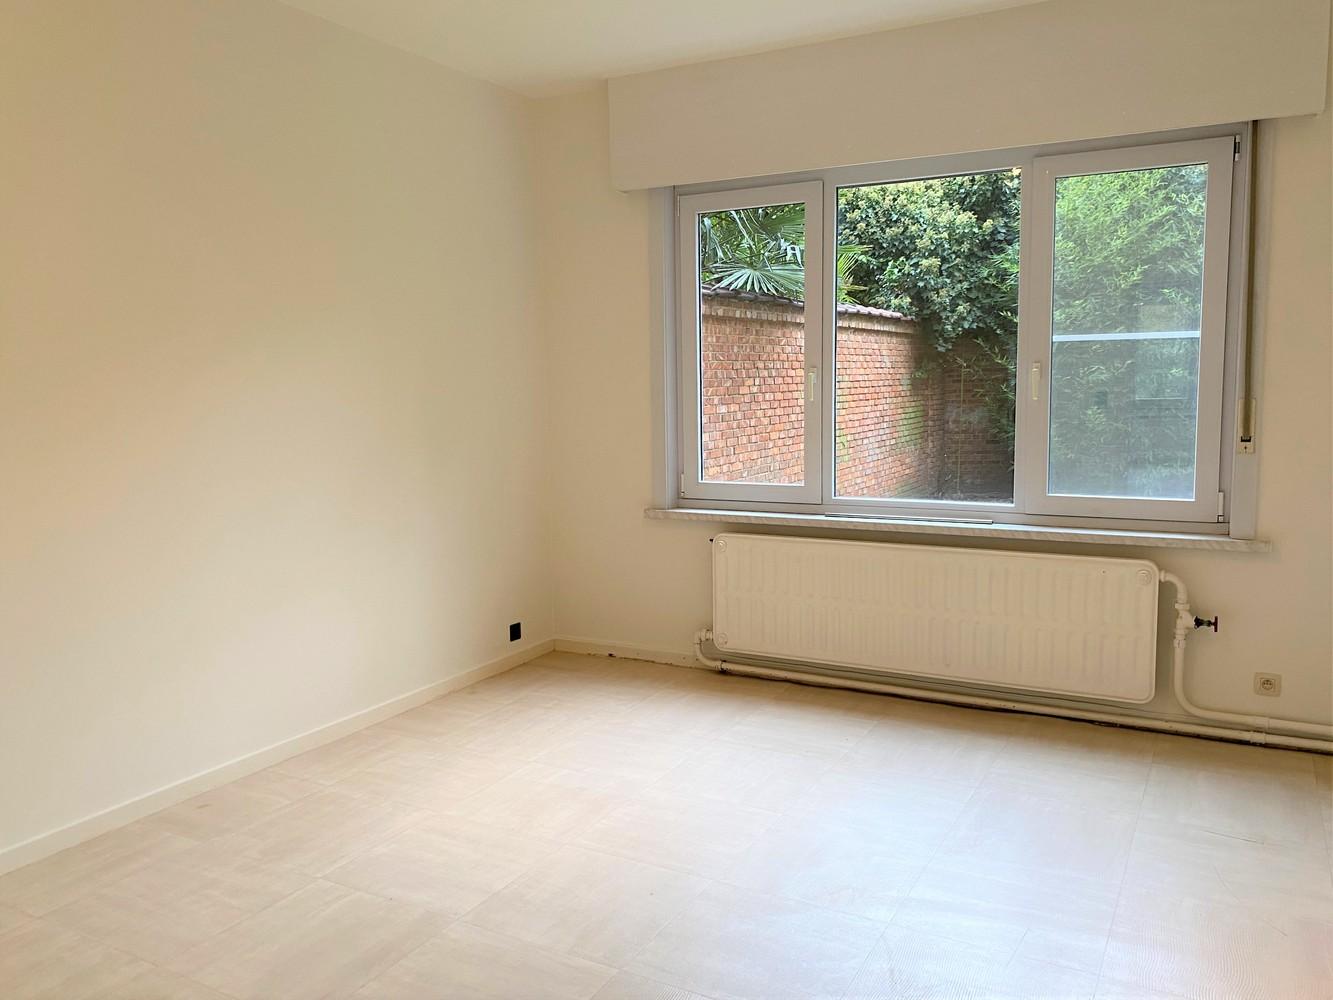 Gerenoveerd, gelijkvloers appartement met 2 slaapkamers en ruime tuin (94m²) in Antwerpen! afbeelding 13